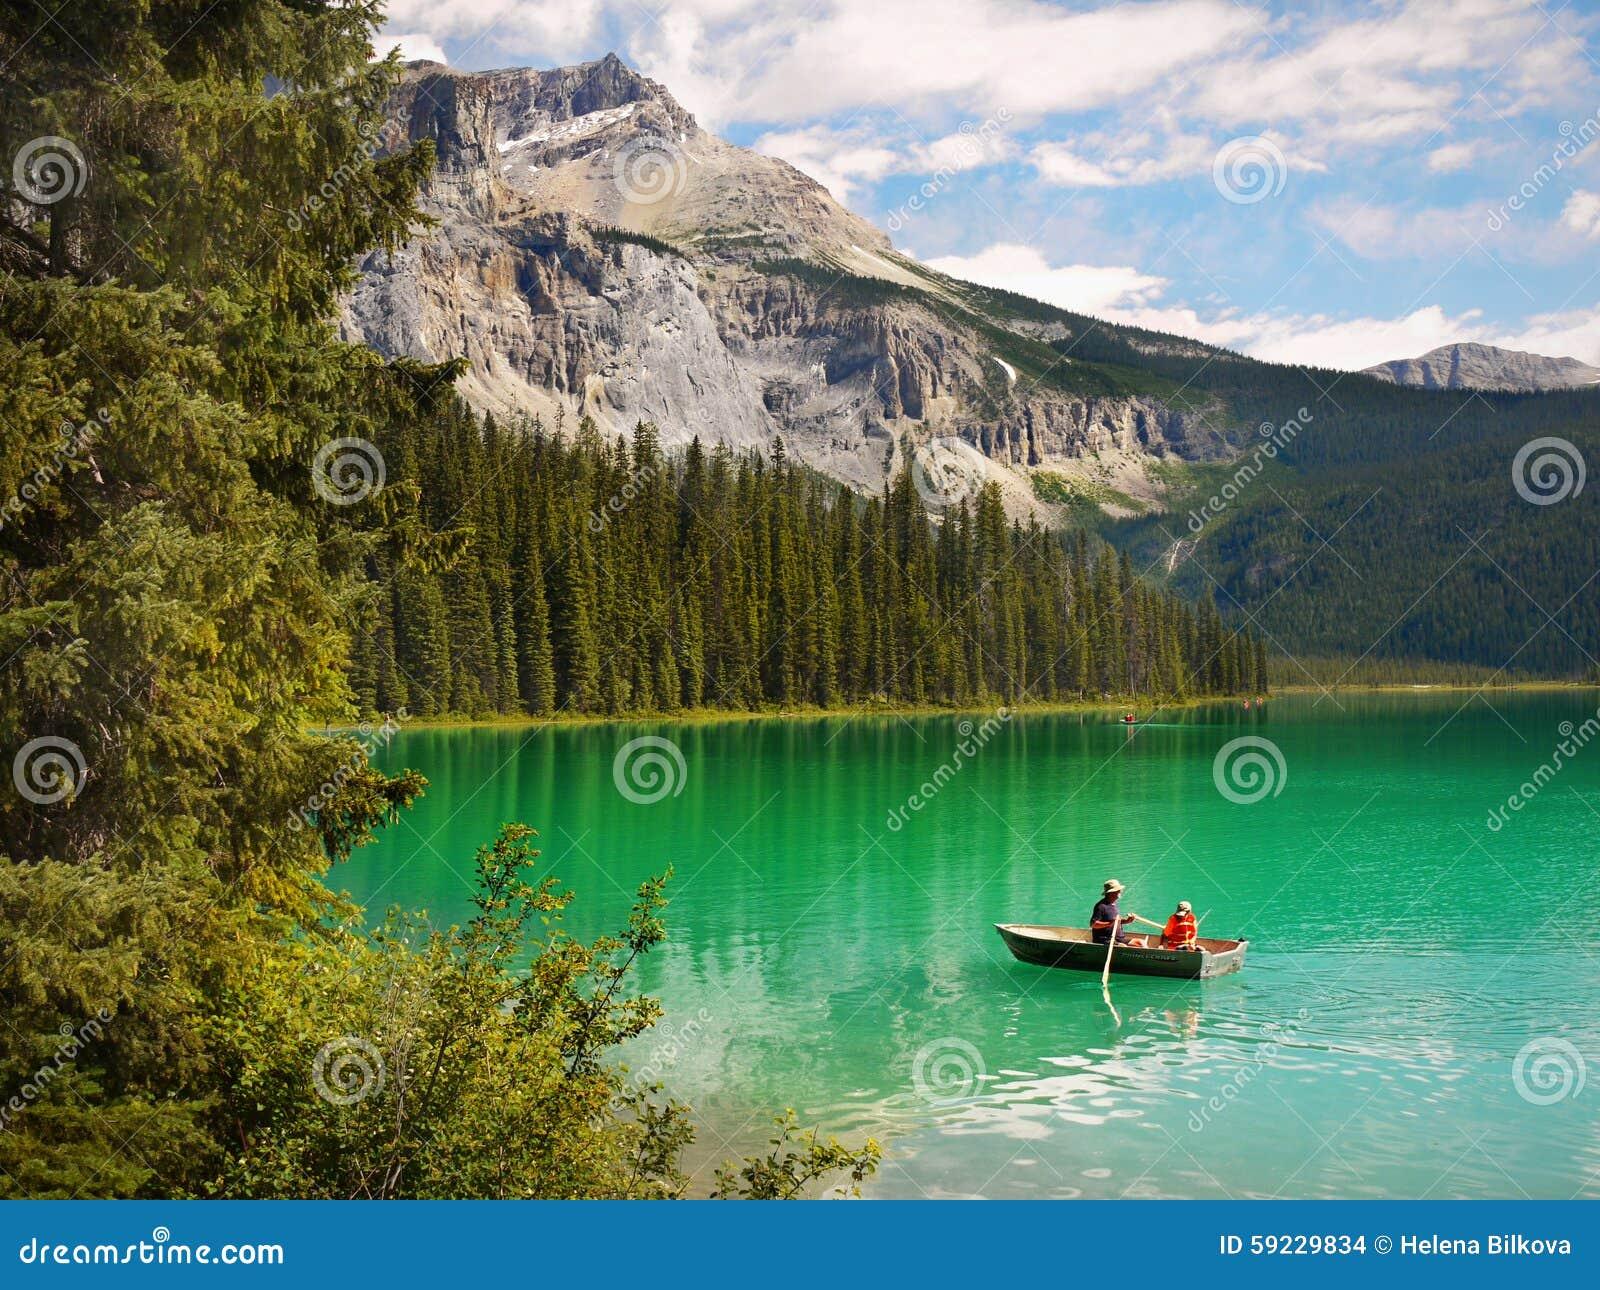 Download Colores Verdes Mágicos Del Paisaje Imagen de archivo editorial - Imagen de británico, montañas: 59229834